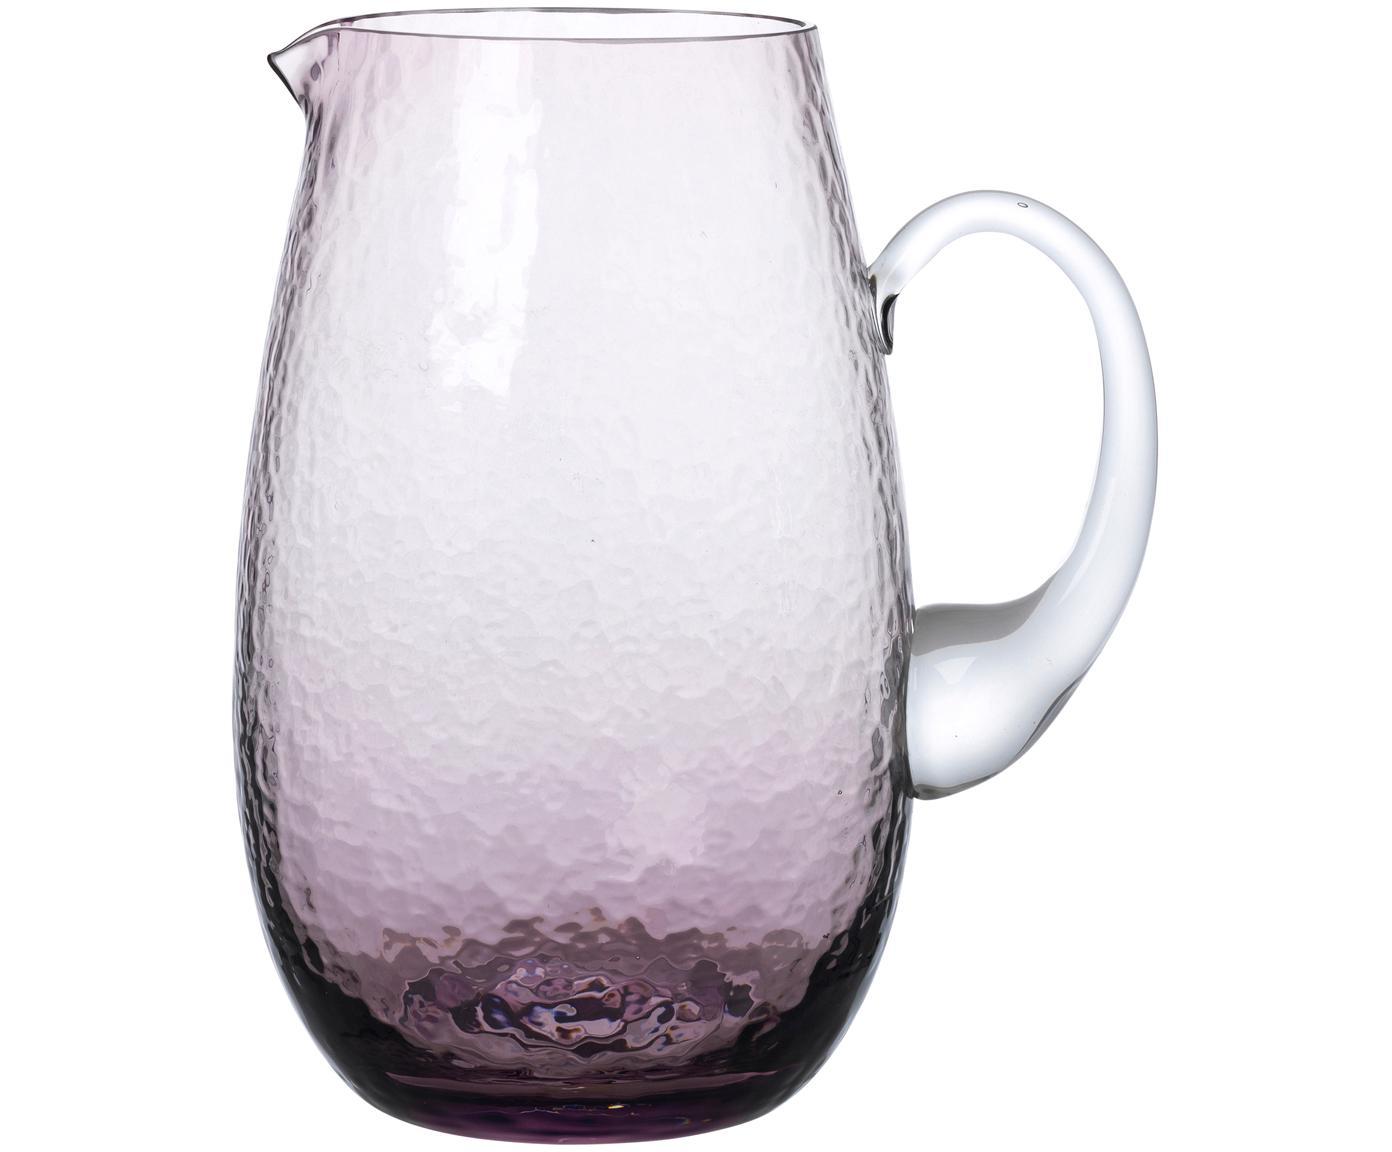 Dzbanek ze szkła dmuchanego Hammered, Szkło dmuchane, Purpurowy, transparentny, 2 l